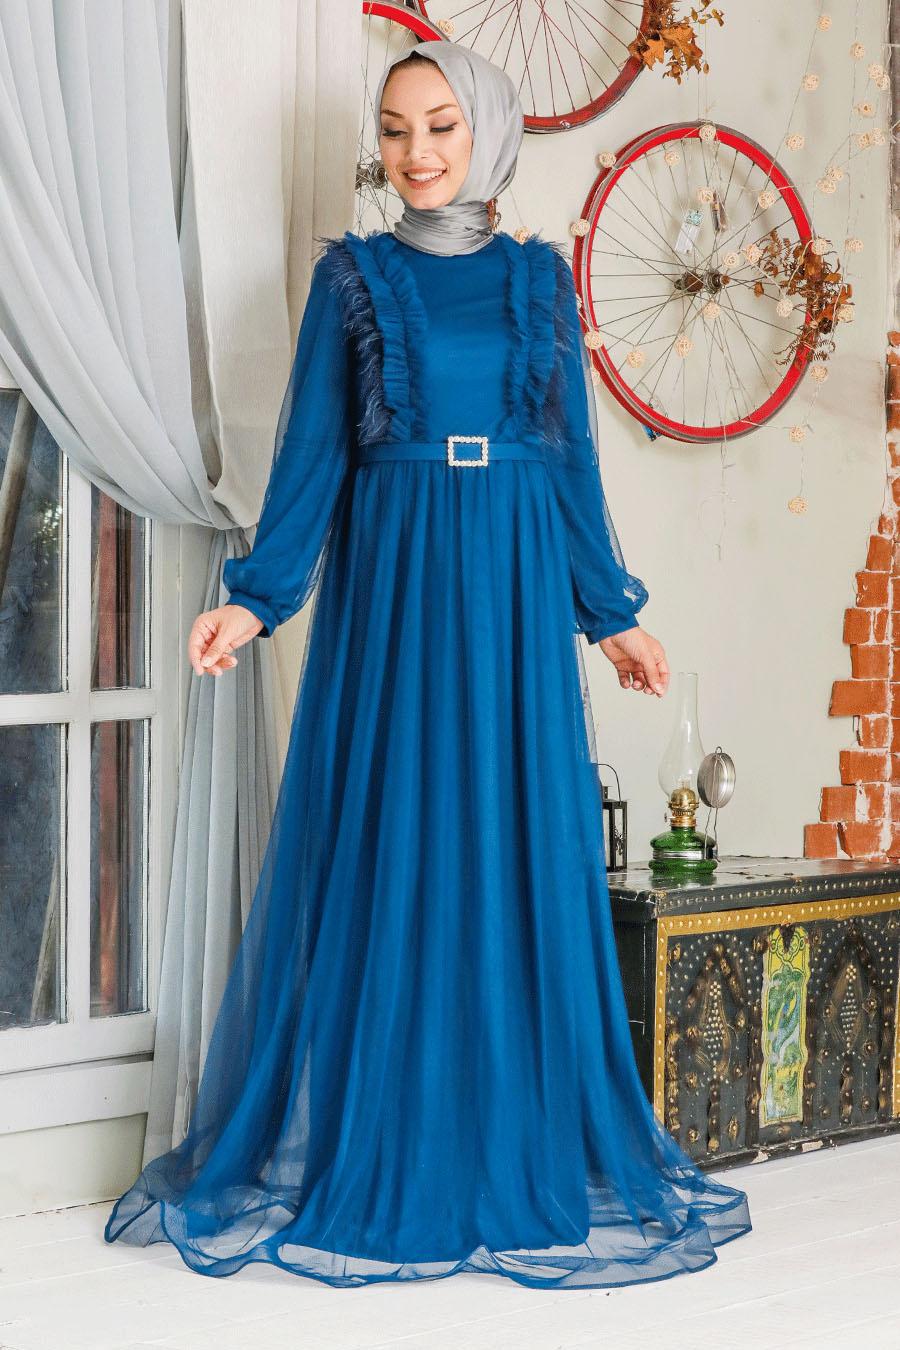 Tesettürlü Abiye Elbise - Tüy Detaylı İndigo Mavisi Tesettür Abiye Elbise 34801IM